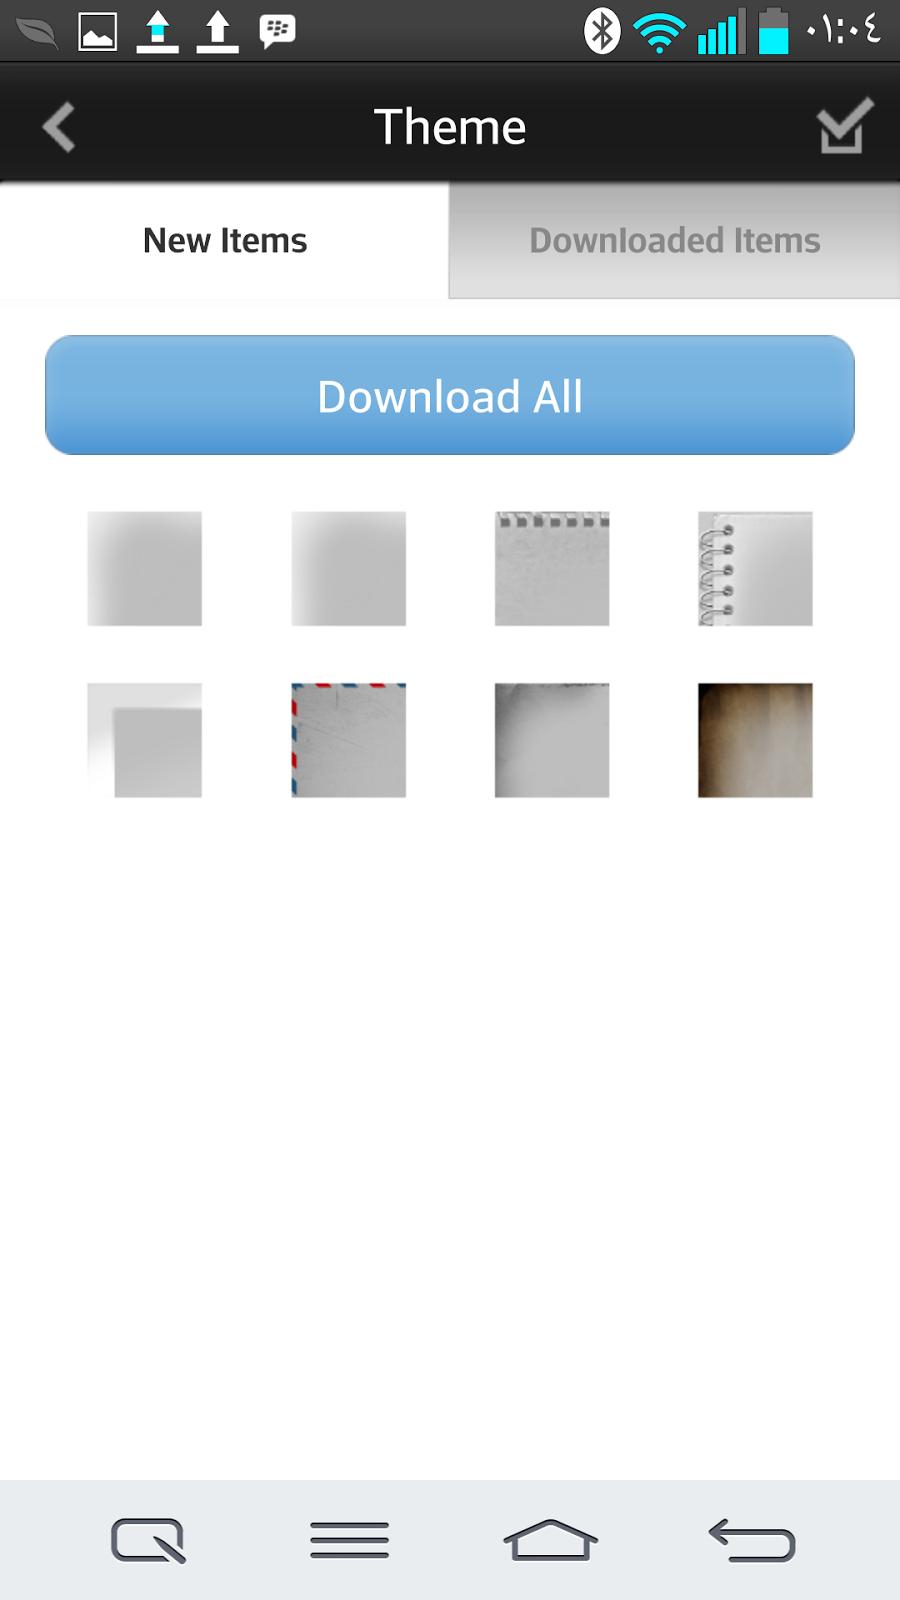 شرح تطبيق Cymera للتصوير و لتضليل اجزاء من الصور والكتابة بالعربية علي الصور | بحرية درويد